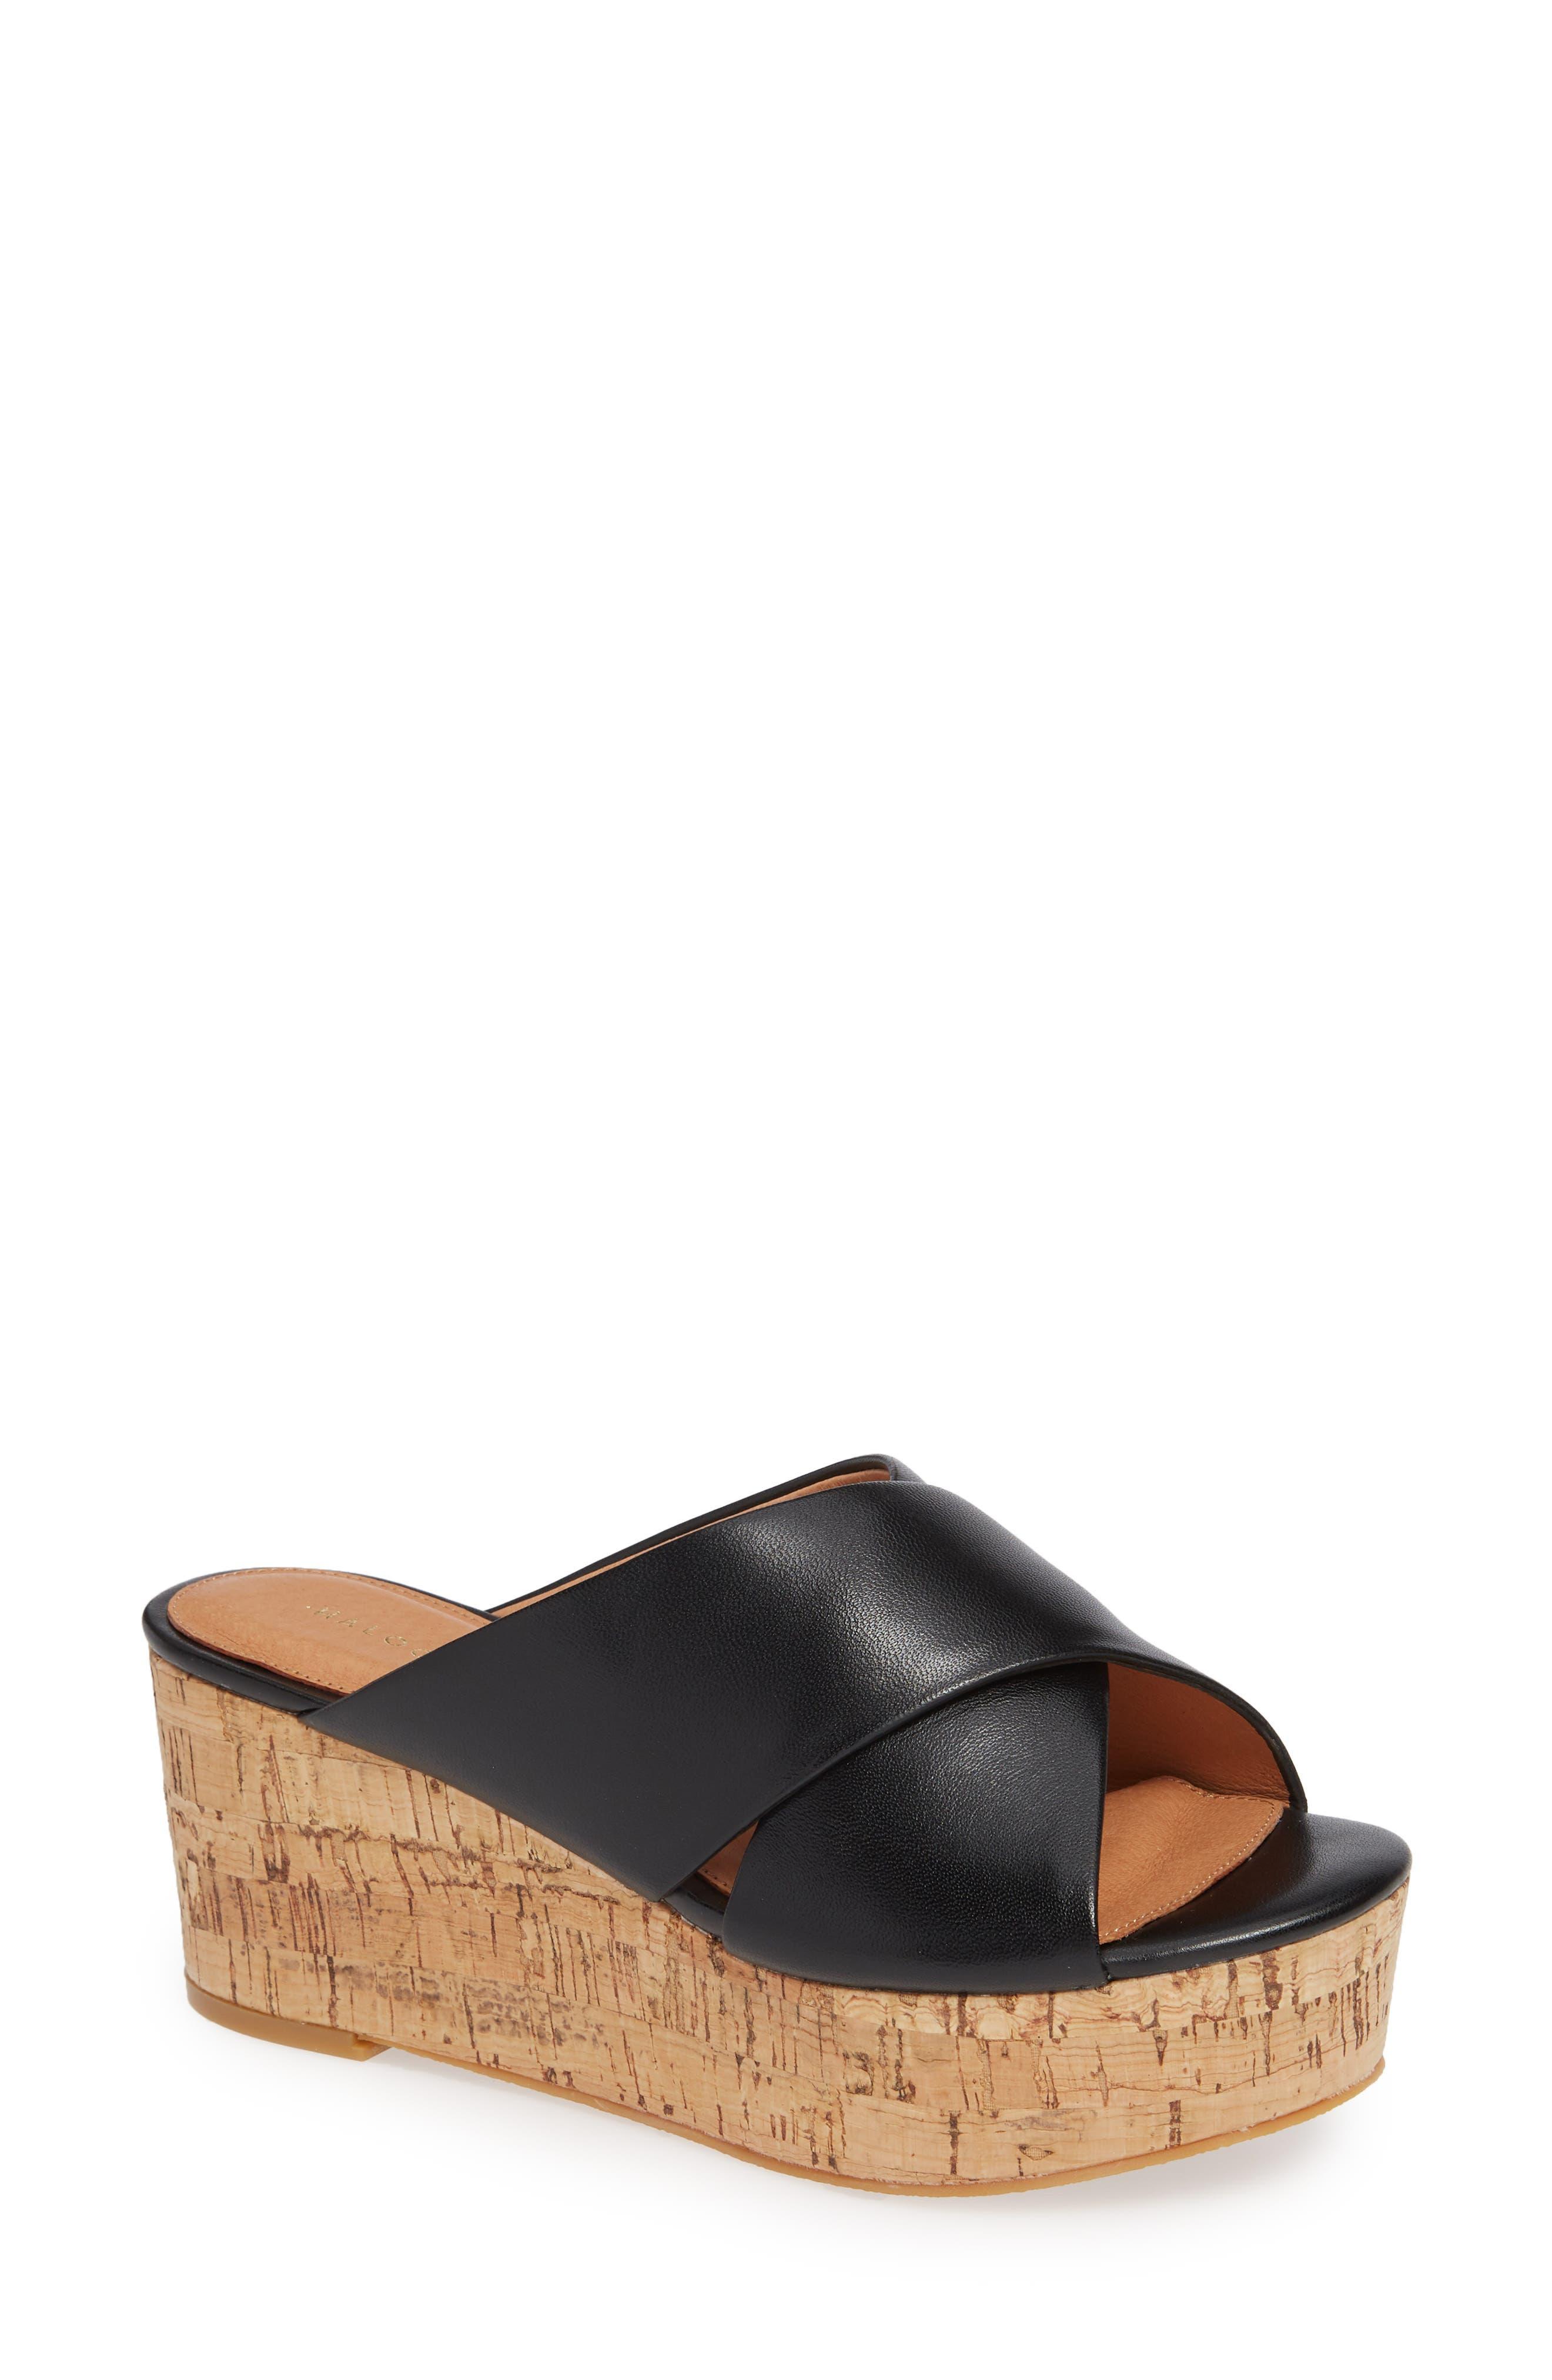 Elena Platform Wedge Sandal,                         Main,                         color, BLACK LEATHER